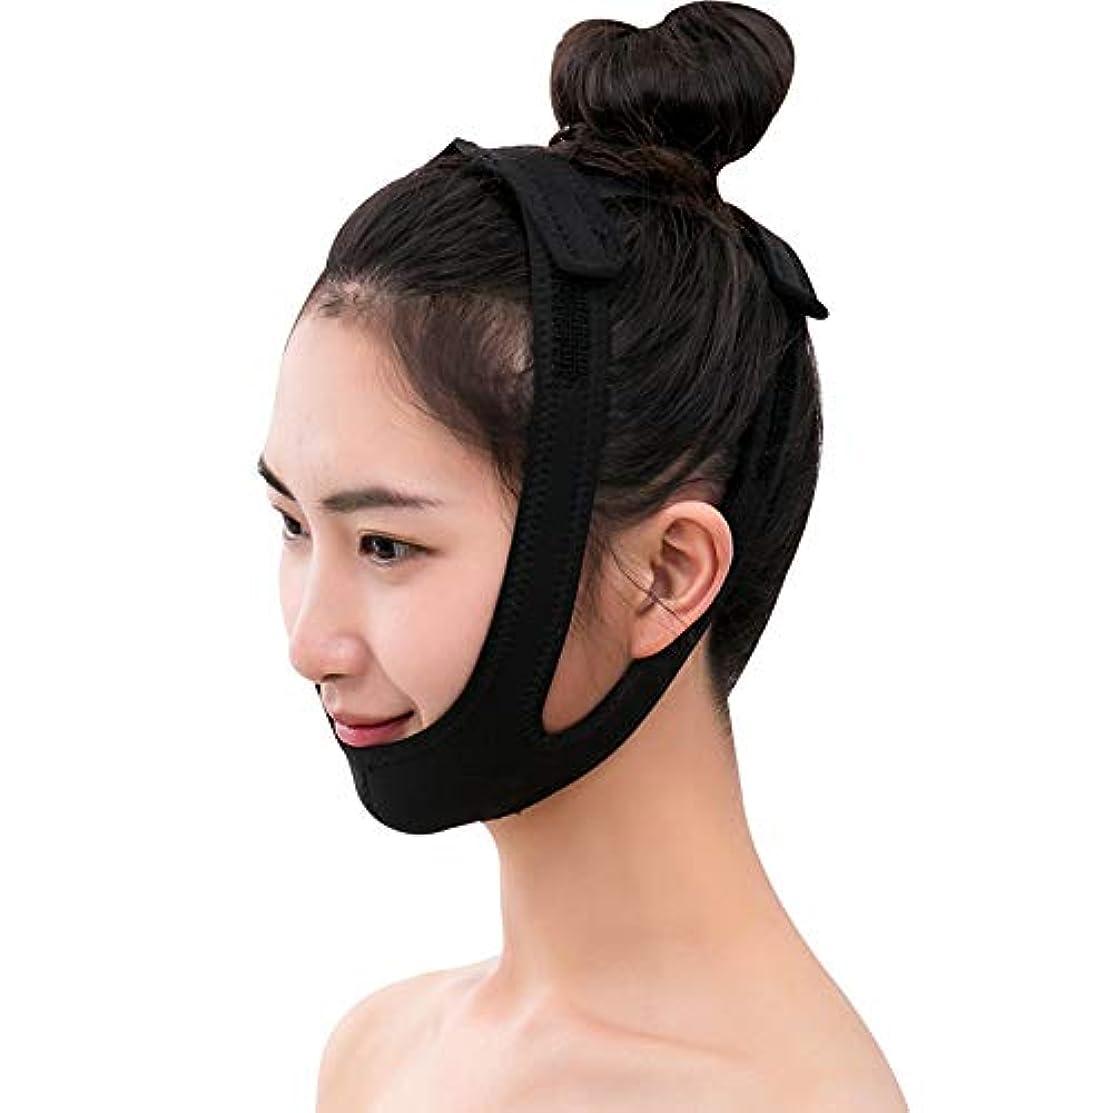 進化エリート宣言フェイスリフトベルト 薄いフェイスバンド - 薄い顔の包帯ビューティーインストゥルメントフェイシャルリフト睡眠マスク法Vフェイスマスクの通気性を作る